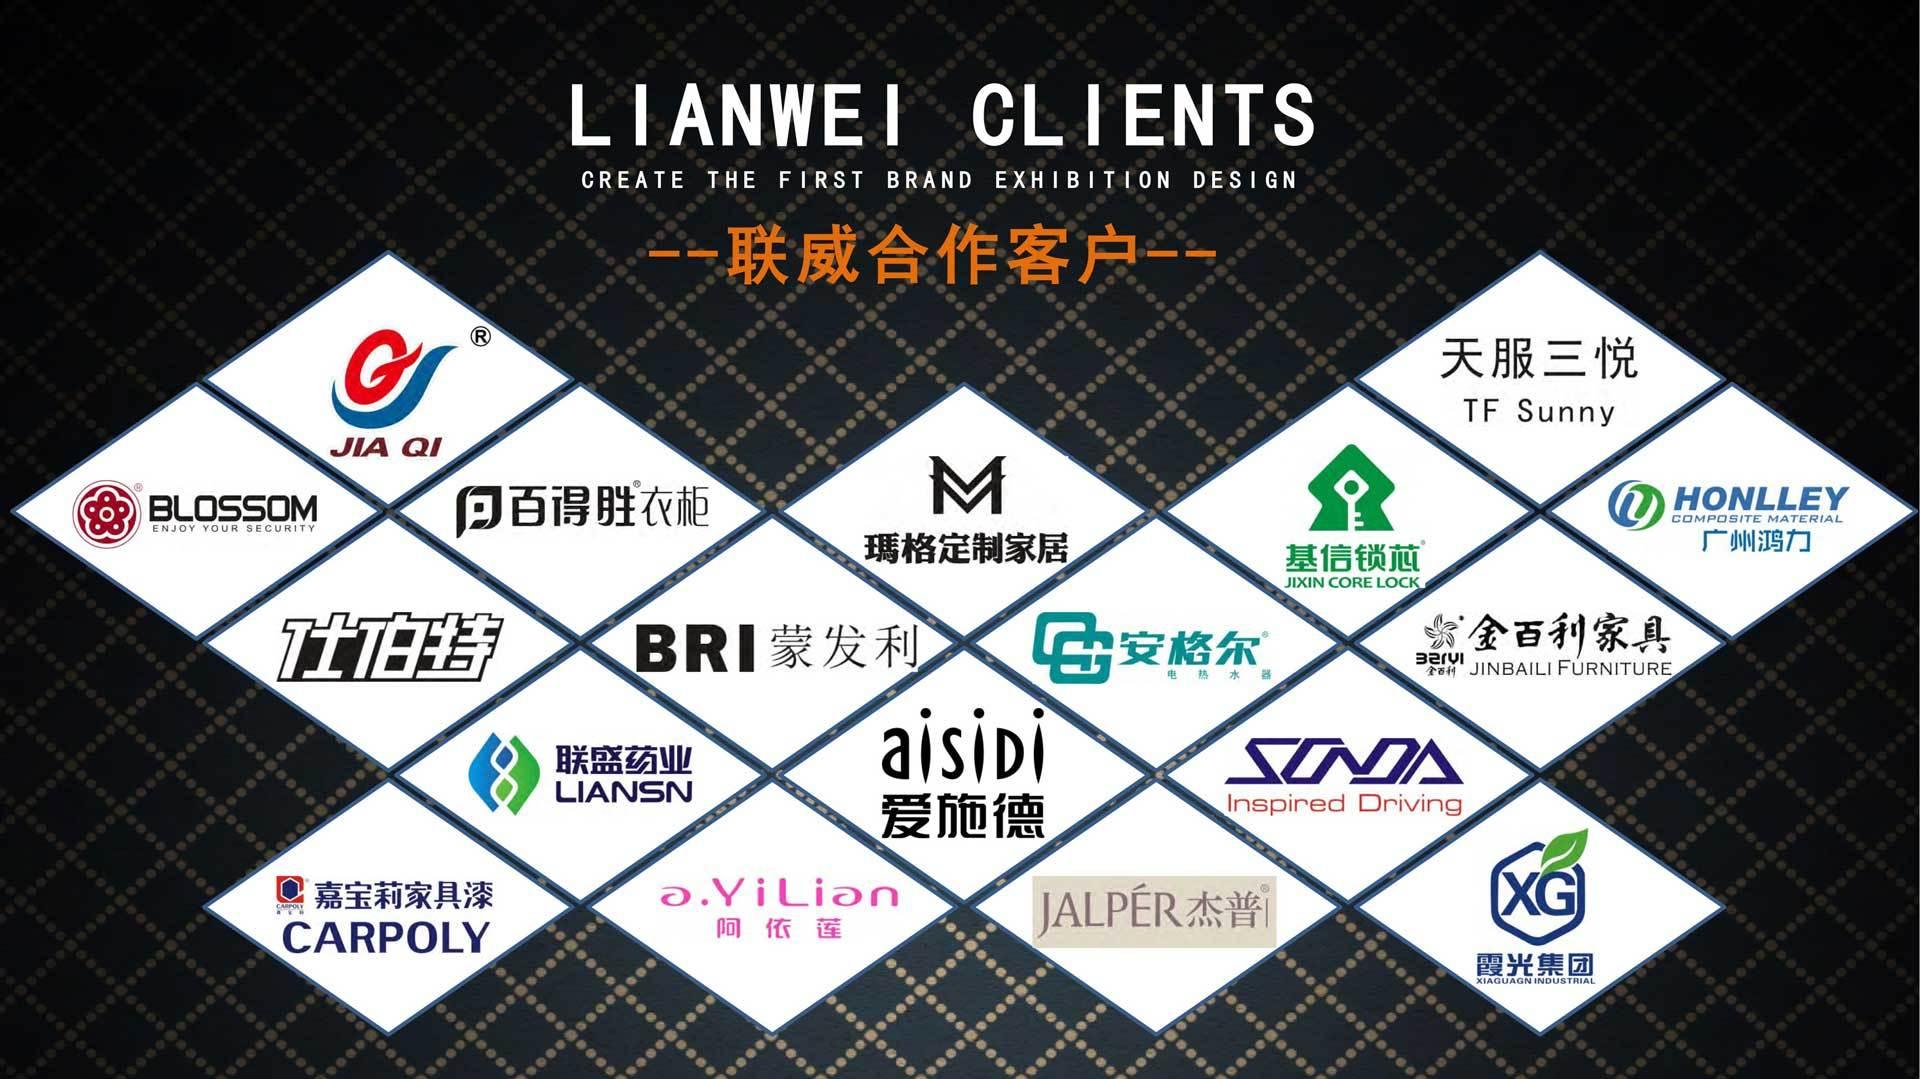 广州琶洲会展合作展台搭建公司合作案例,广州广交会展厅展览装修制作案例公司